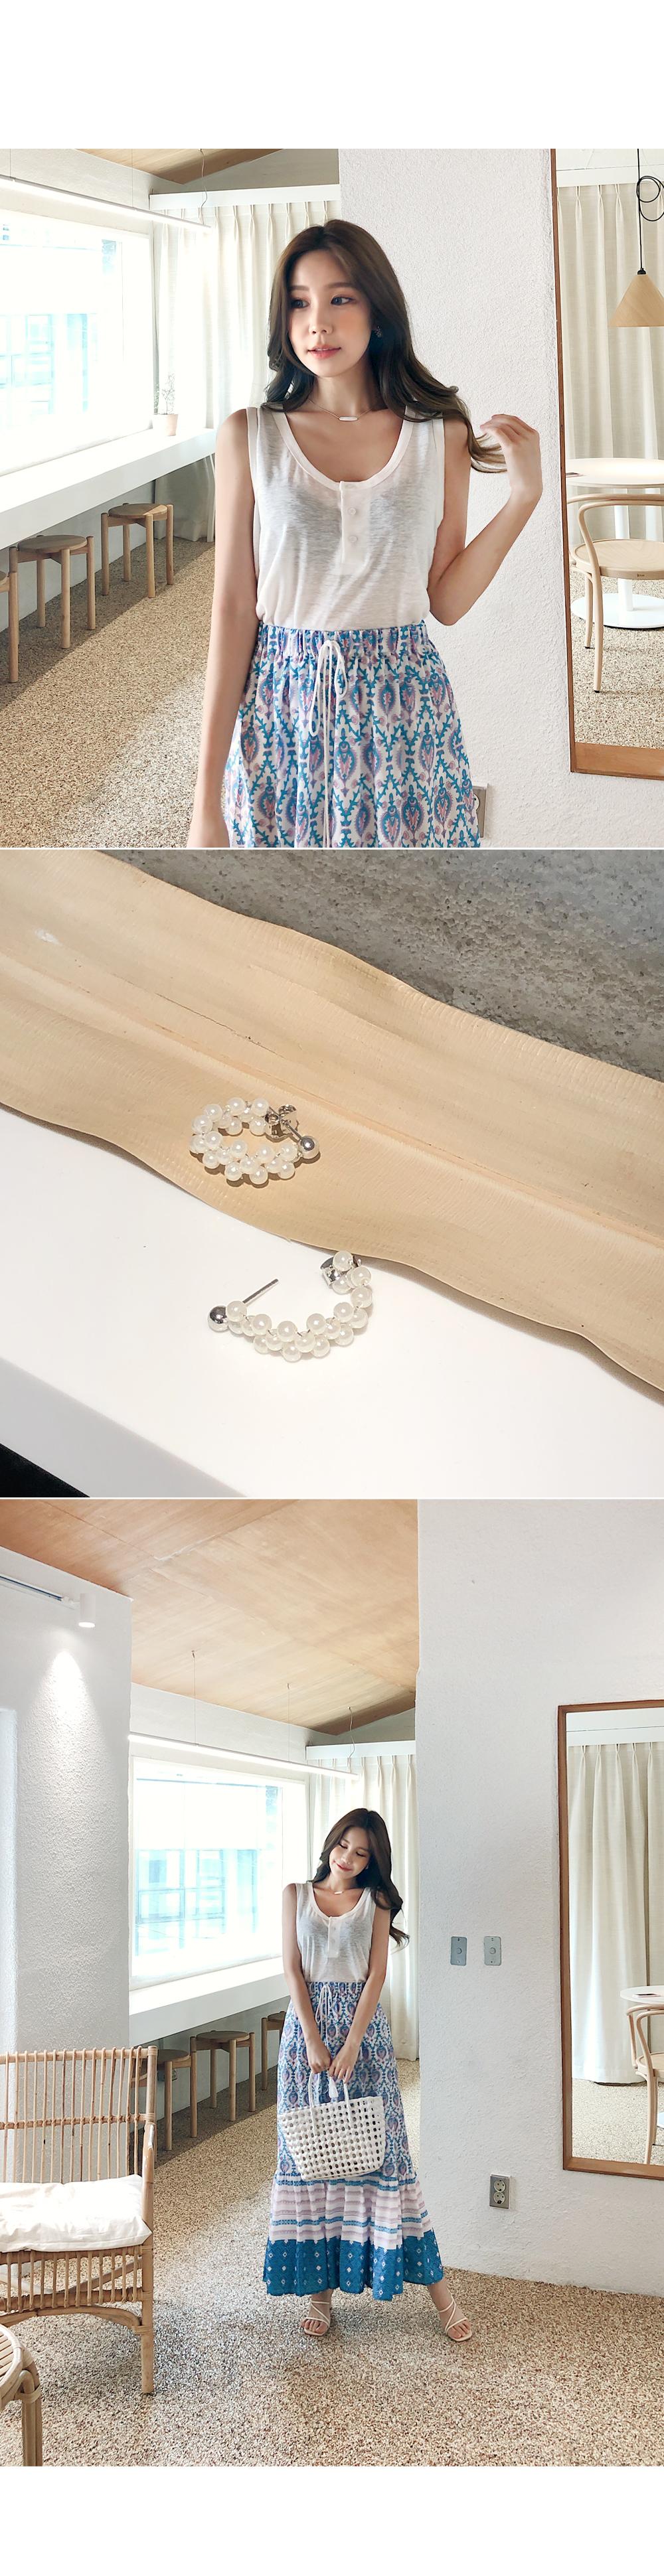 Pearl-filled ring earrings